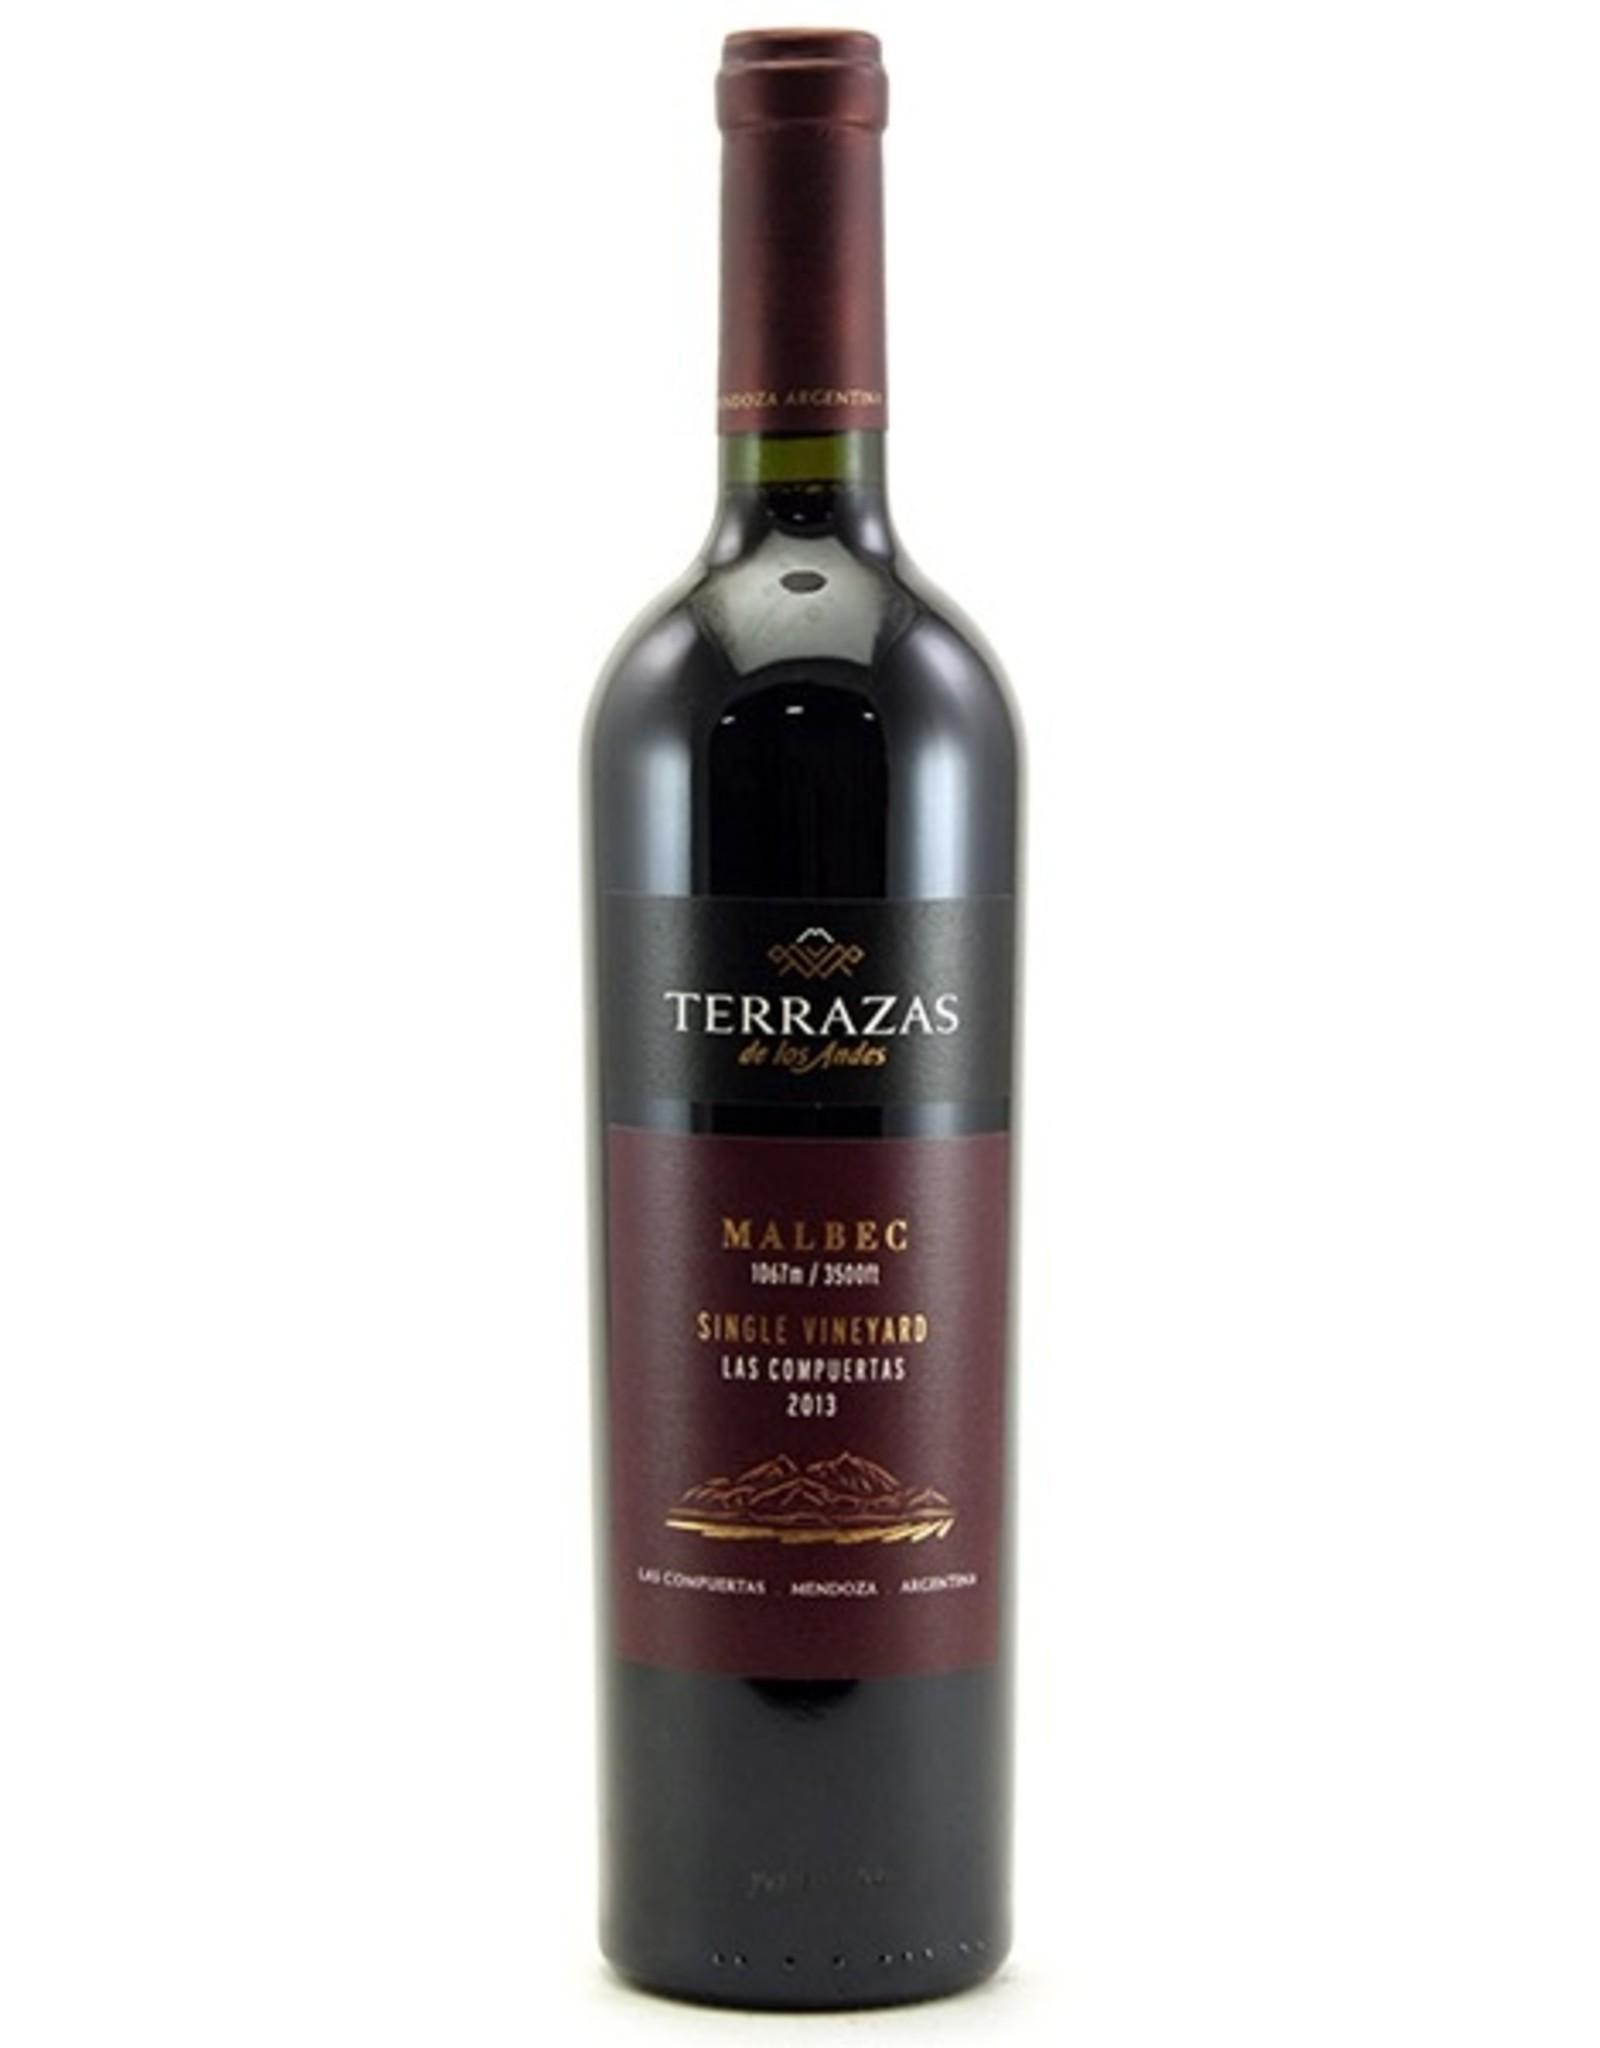 Red Wine 2013, Terrazas de los Andes Las Compuertas, Malbec, Lujan de Cuyo, Mendoza, Argentina, 15% Alc, CT